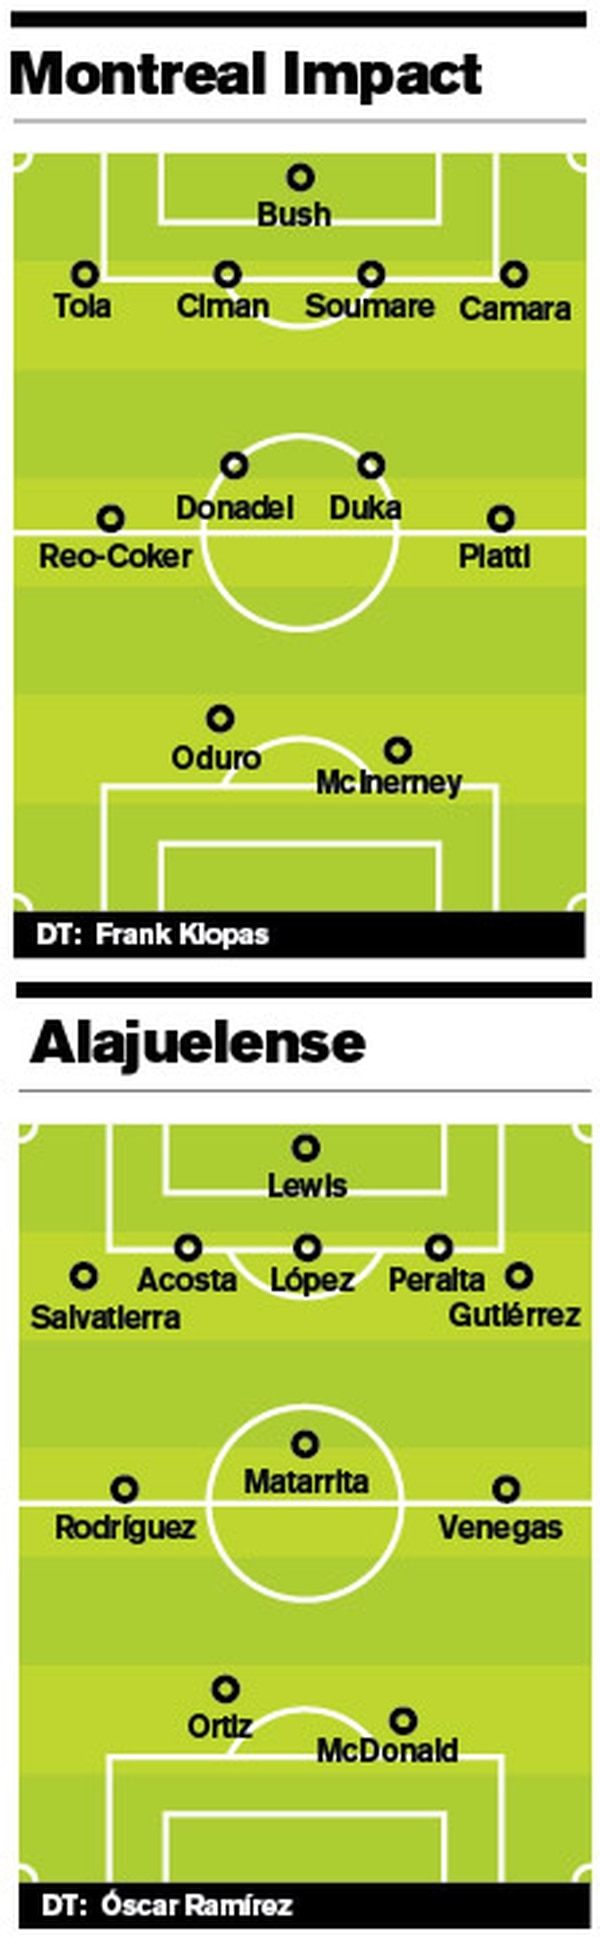 Alineaciones Alajuela vs Montreal